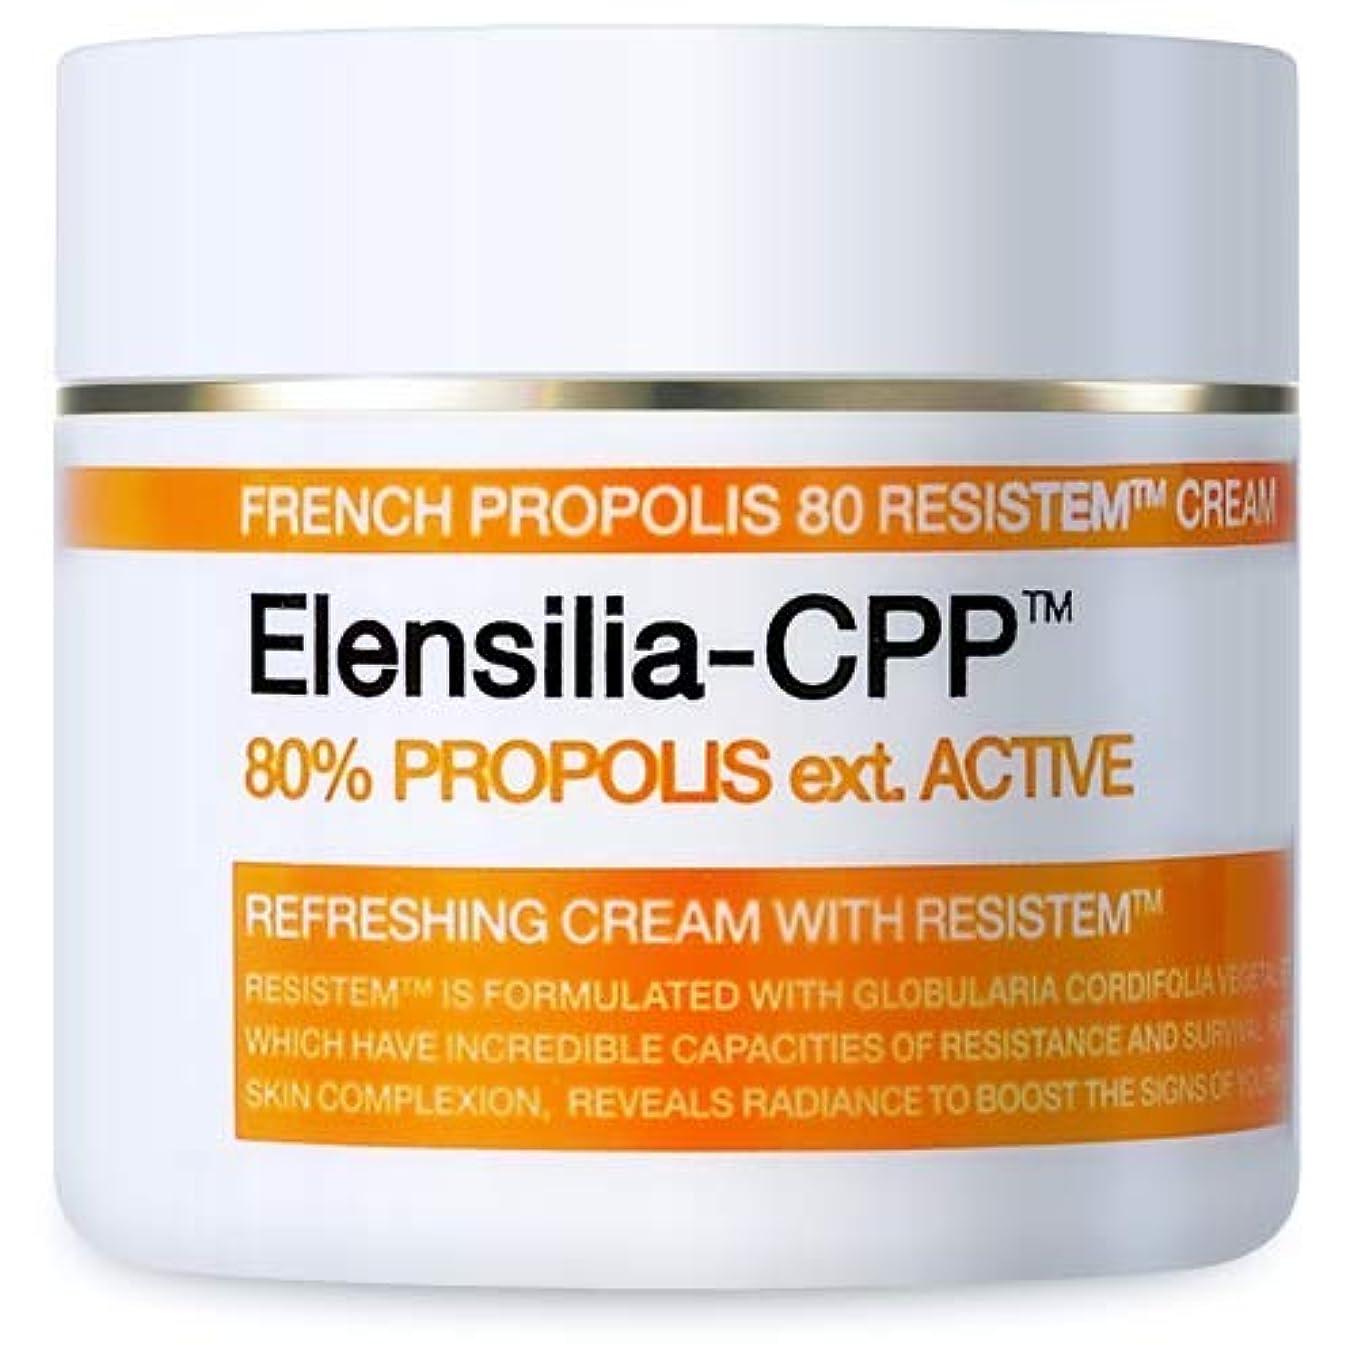 セミナー政府利点Elensilia CPP フレンチ プロポリス 80 リシステム クリーム / CPP French Propolis 80 Resistem Cream (50g) [並行輸入品]